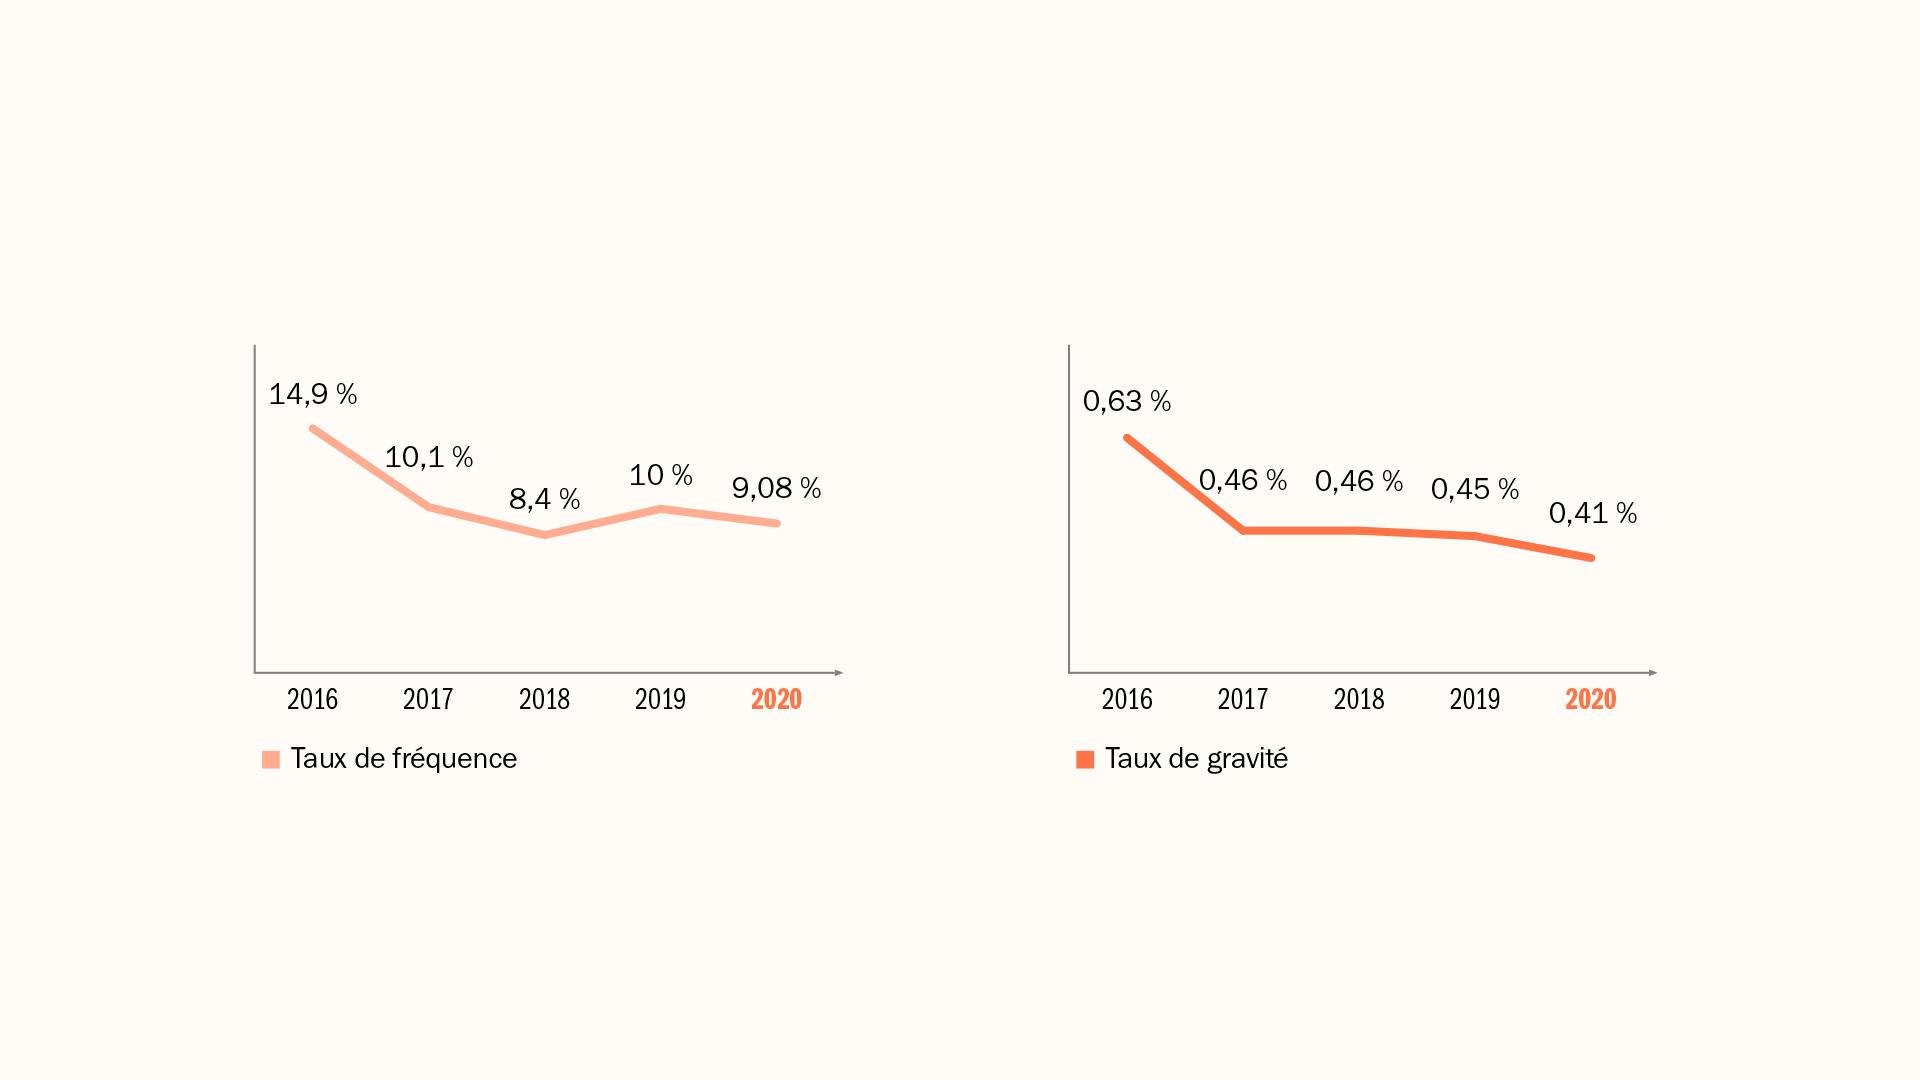 Evolution des taux de fréquence et de gravité des accidents du travail 2020